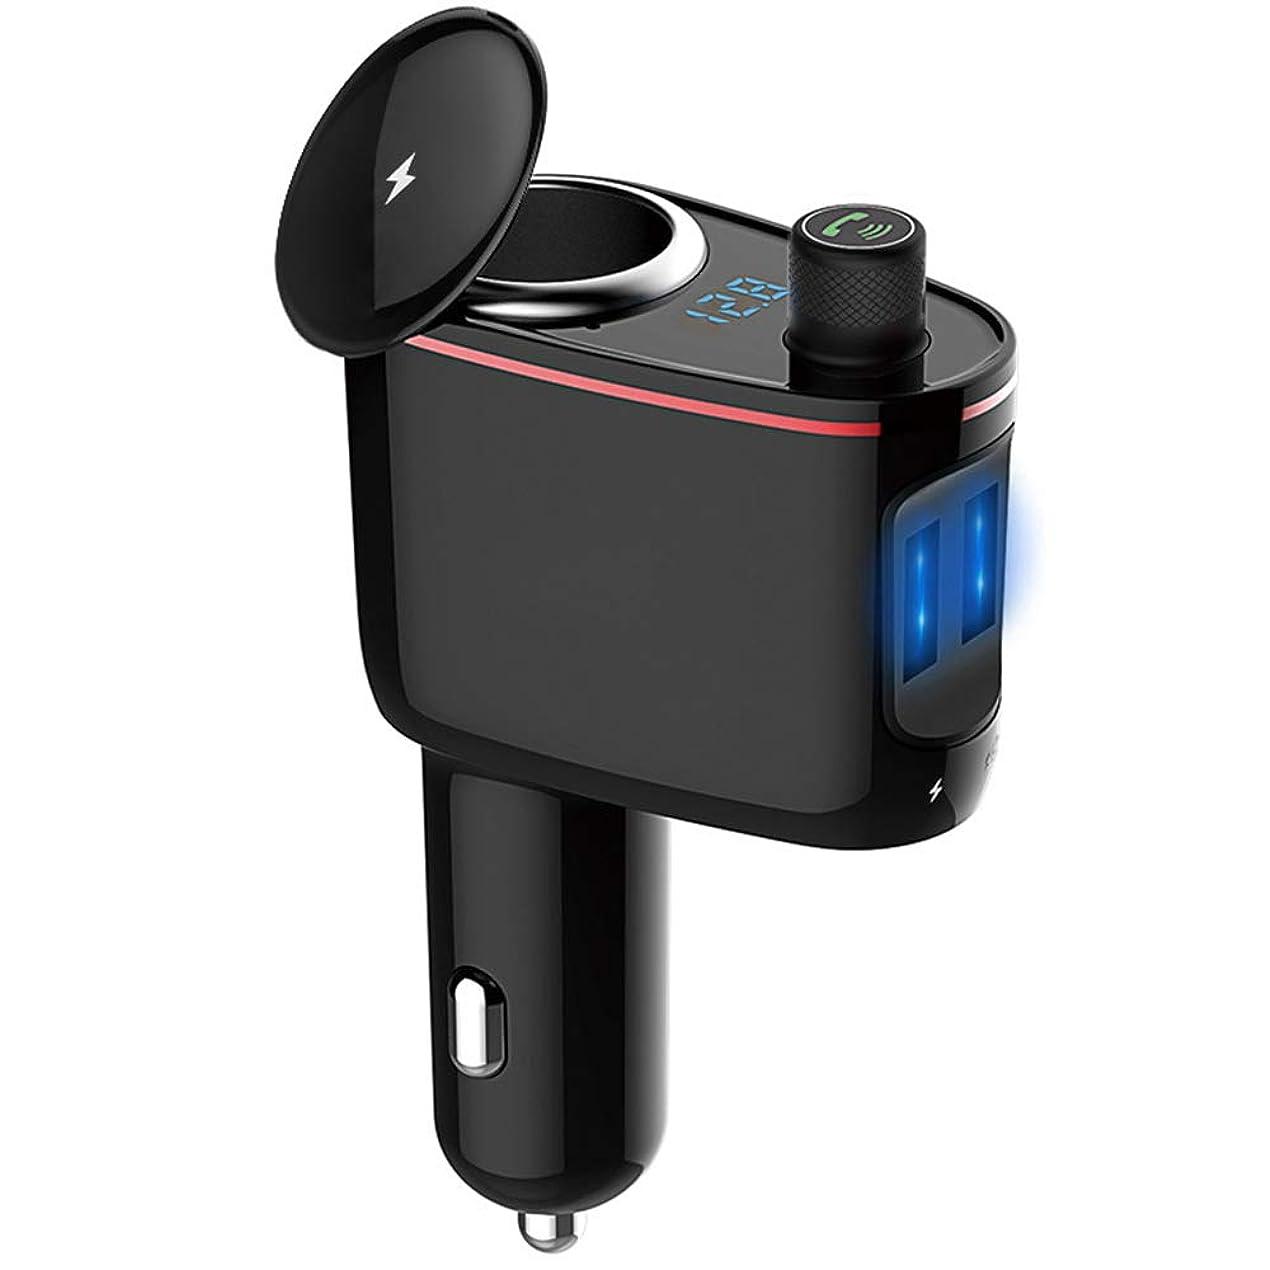 から聞く置き場チョップFMトランスミッター Bluetooth 4.2 高音質 ハンズフリー通話 2USB充電ポート 増設 100Wシガーソケット 電圧モニタリング 12V/24V車対応 日本語取扱説明書付